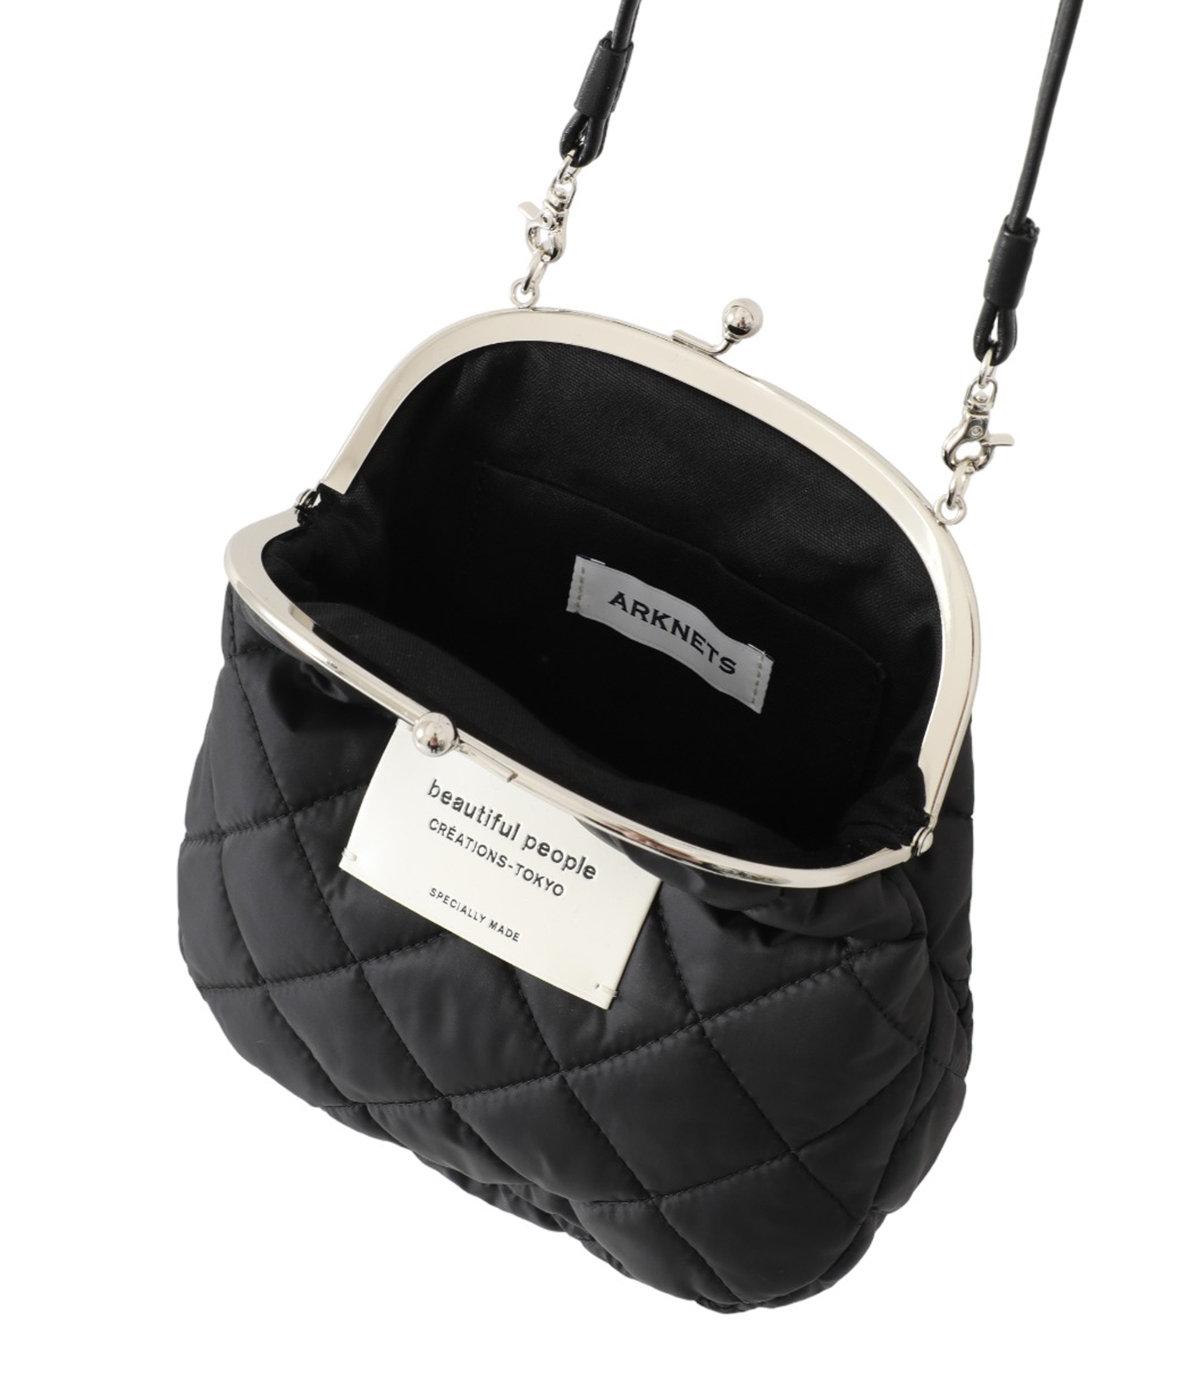 【レディース】【ONLY ARK】別注 kilt clasp shoulder pouch